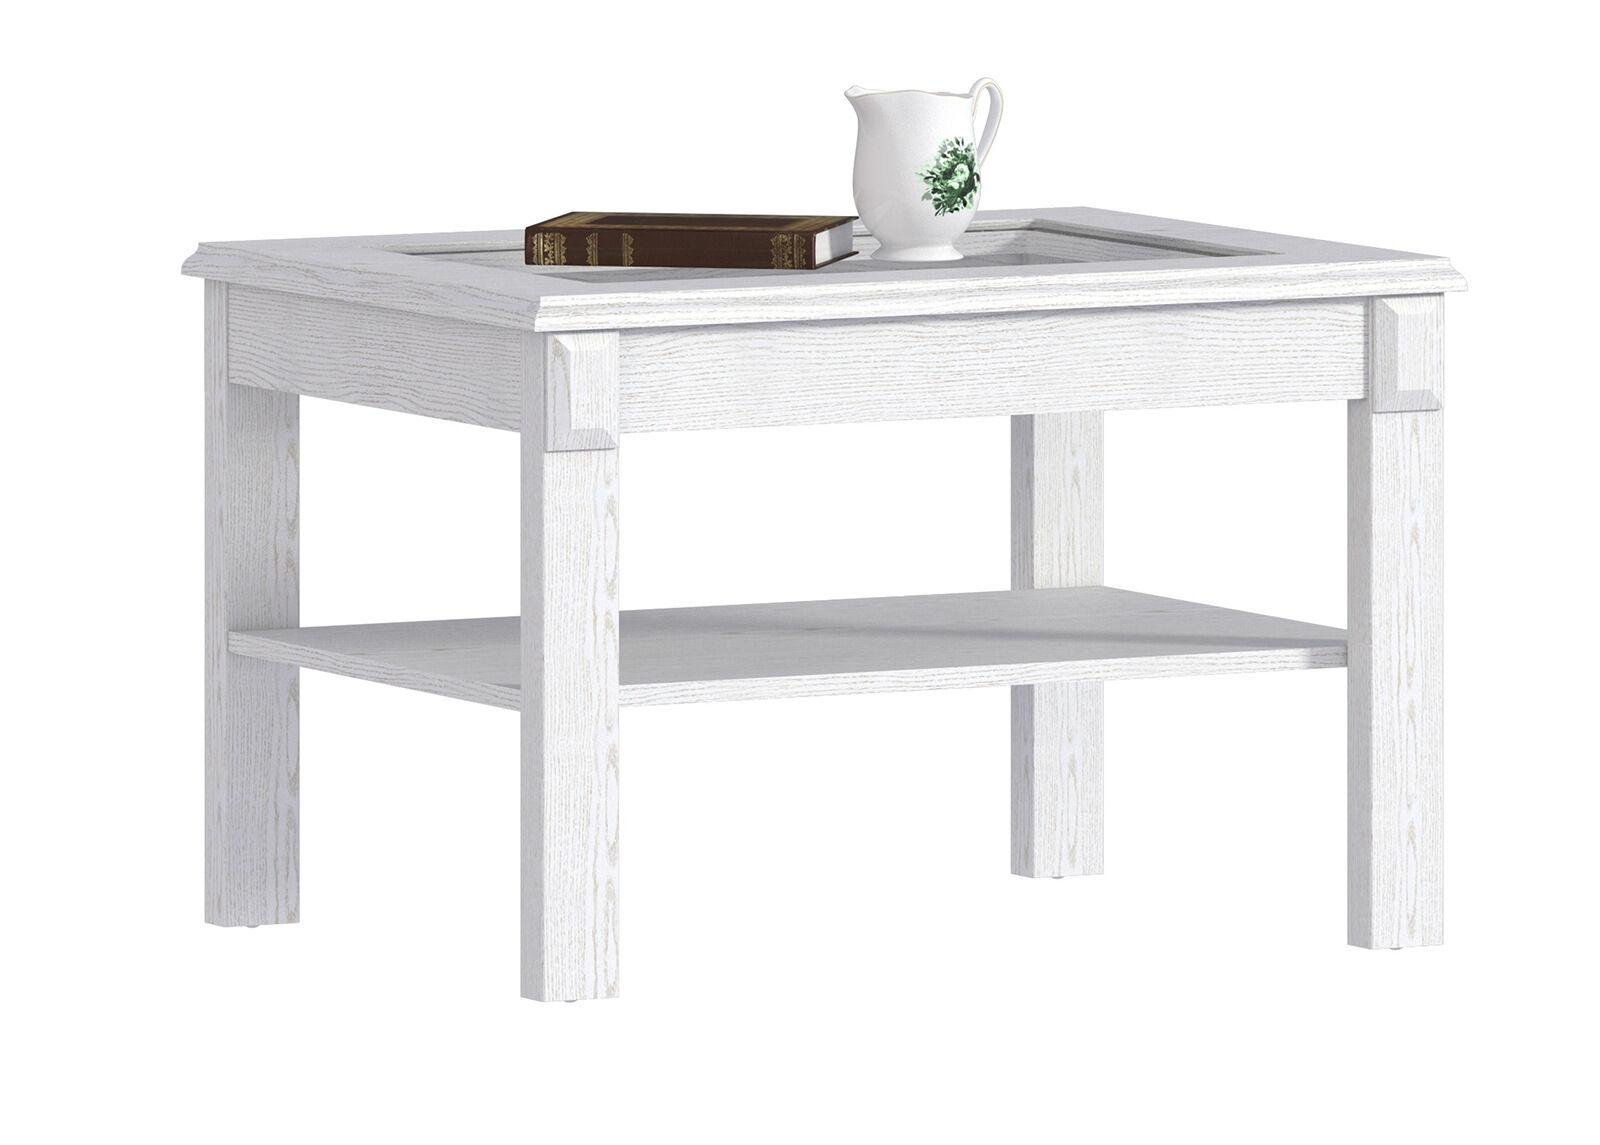 Stpl Sohvapöytä Versailles 80x60 cm